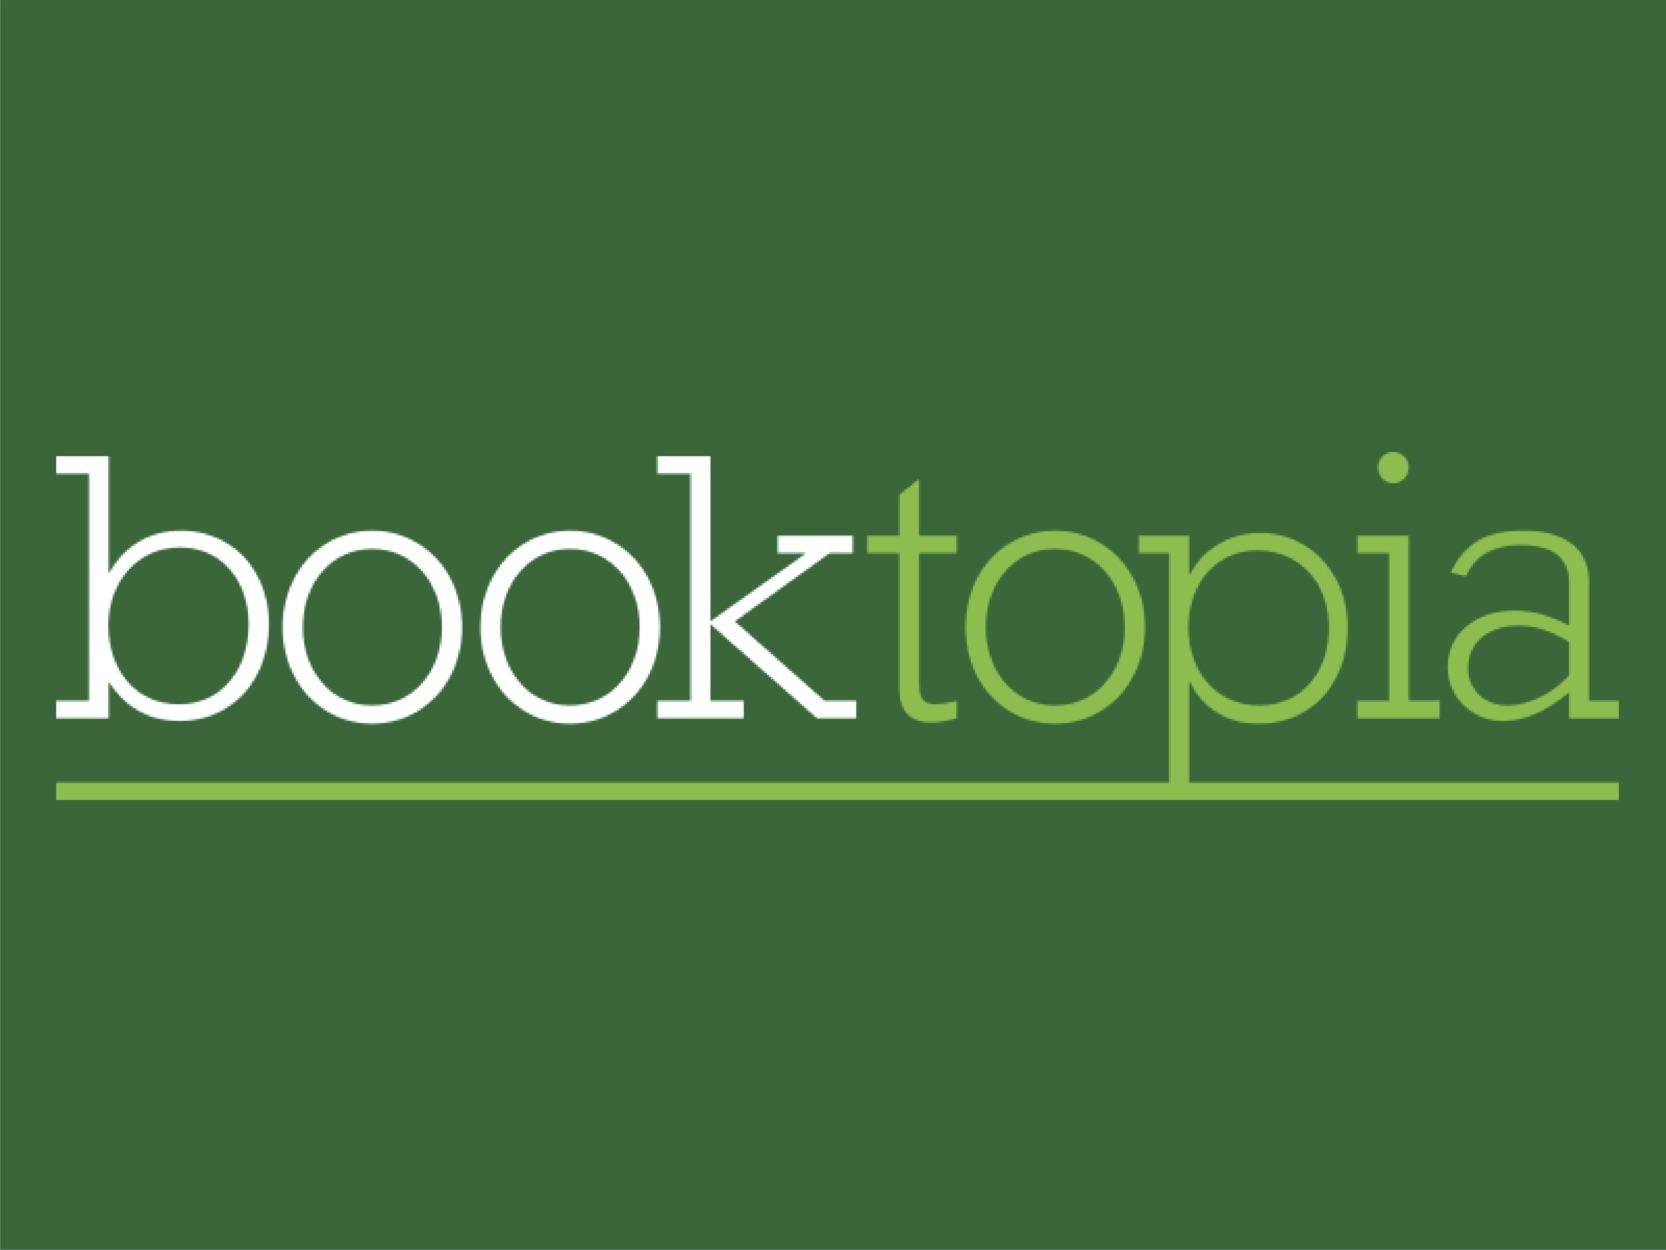 Books Online Australia - Booktopia